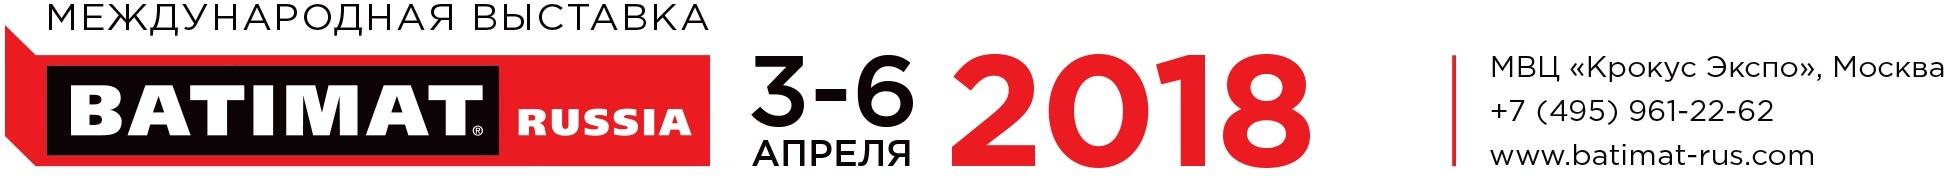 Международная выставка BATIMAT RUSSIA 2018